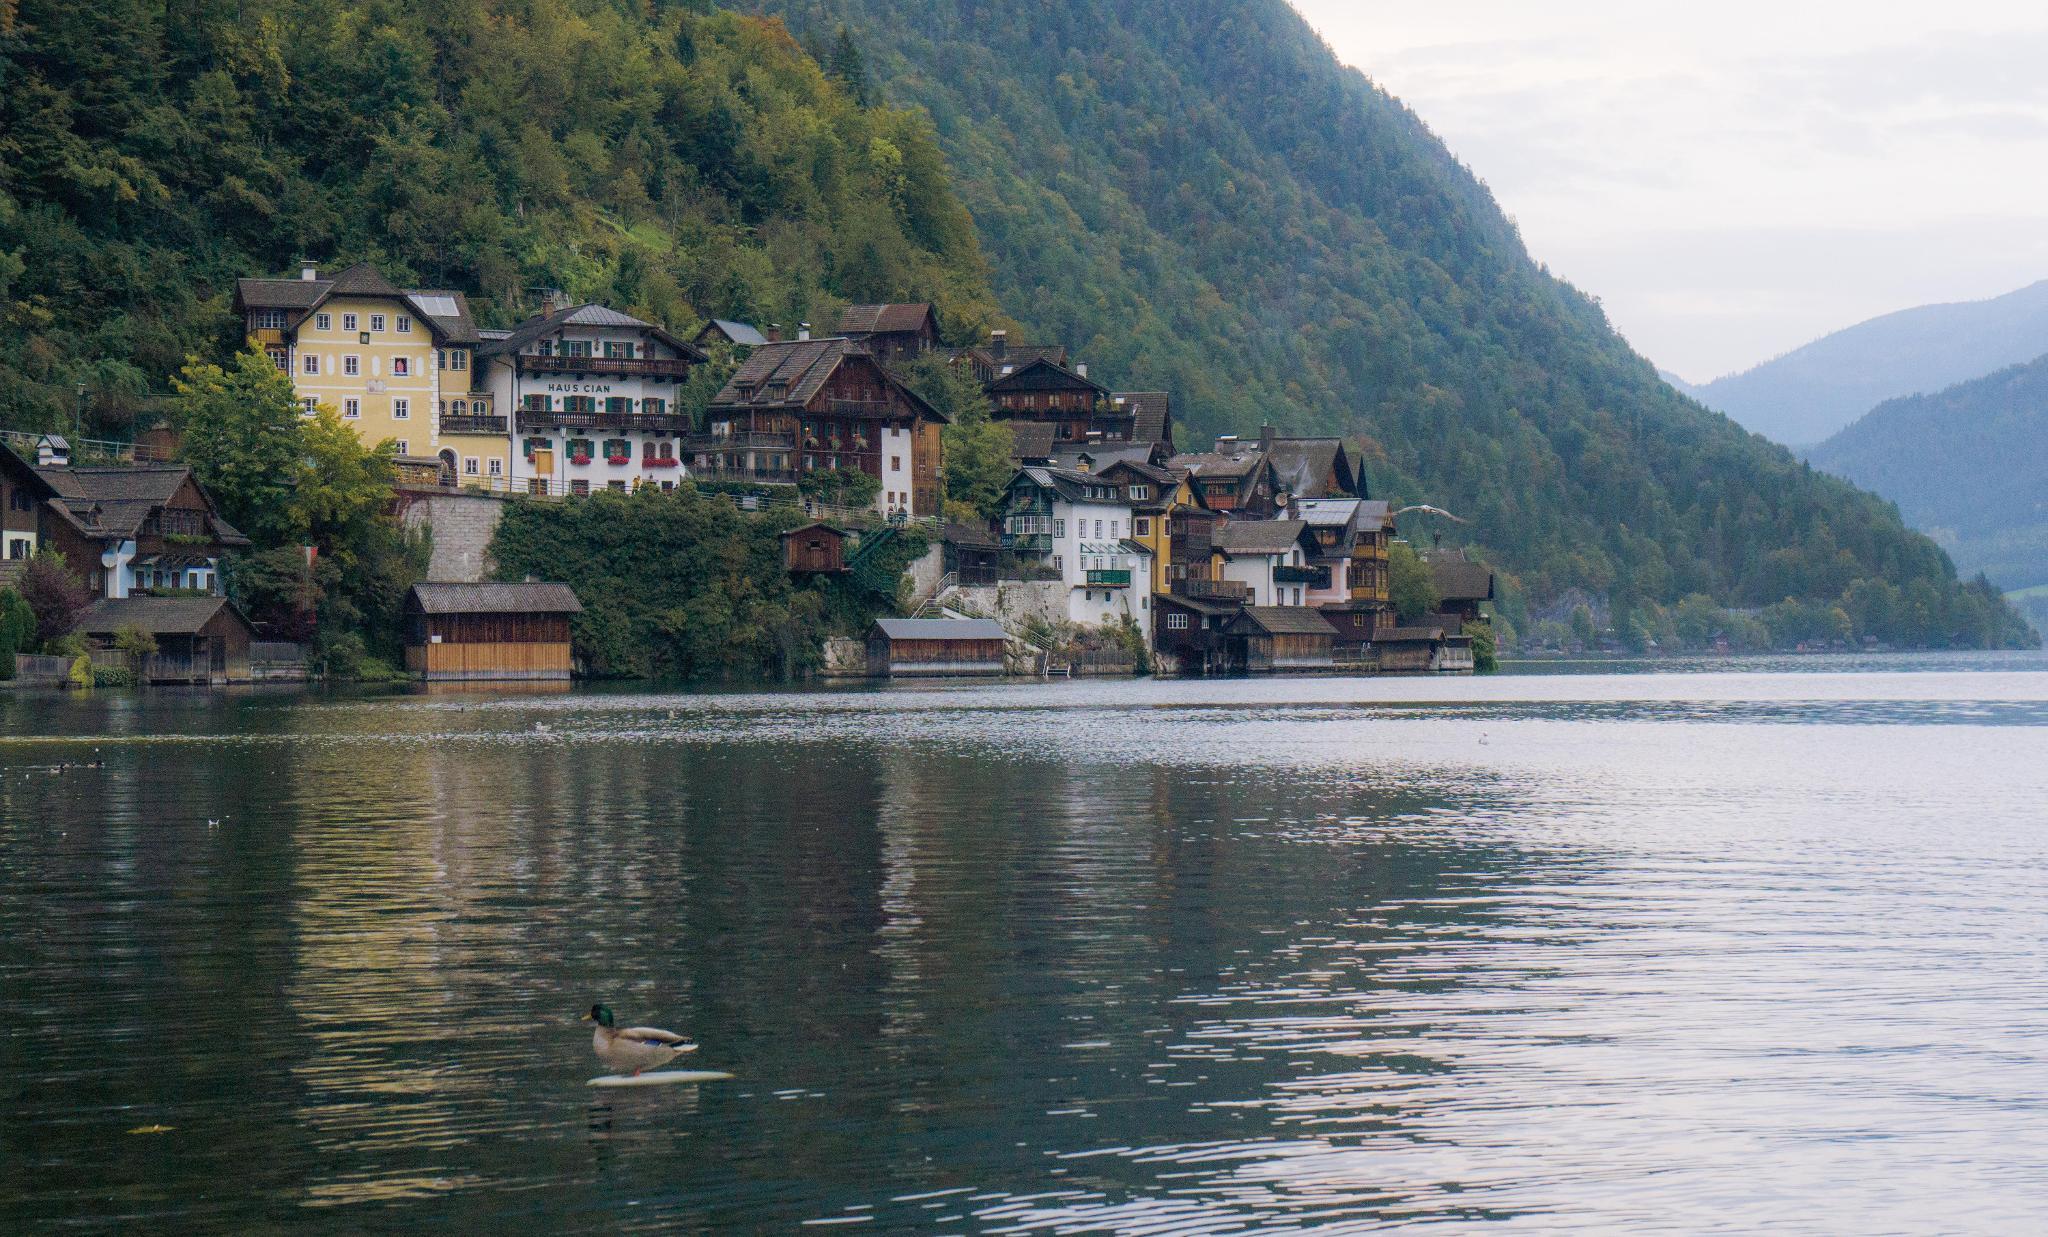 【奧地利】童話仙境 Hallstatt 哈修塔特 — 追逐世界遺產小鎮的夢幻黃金日出 34